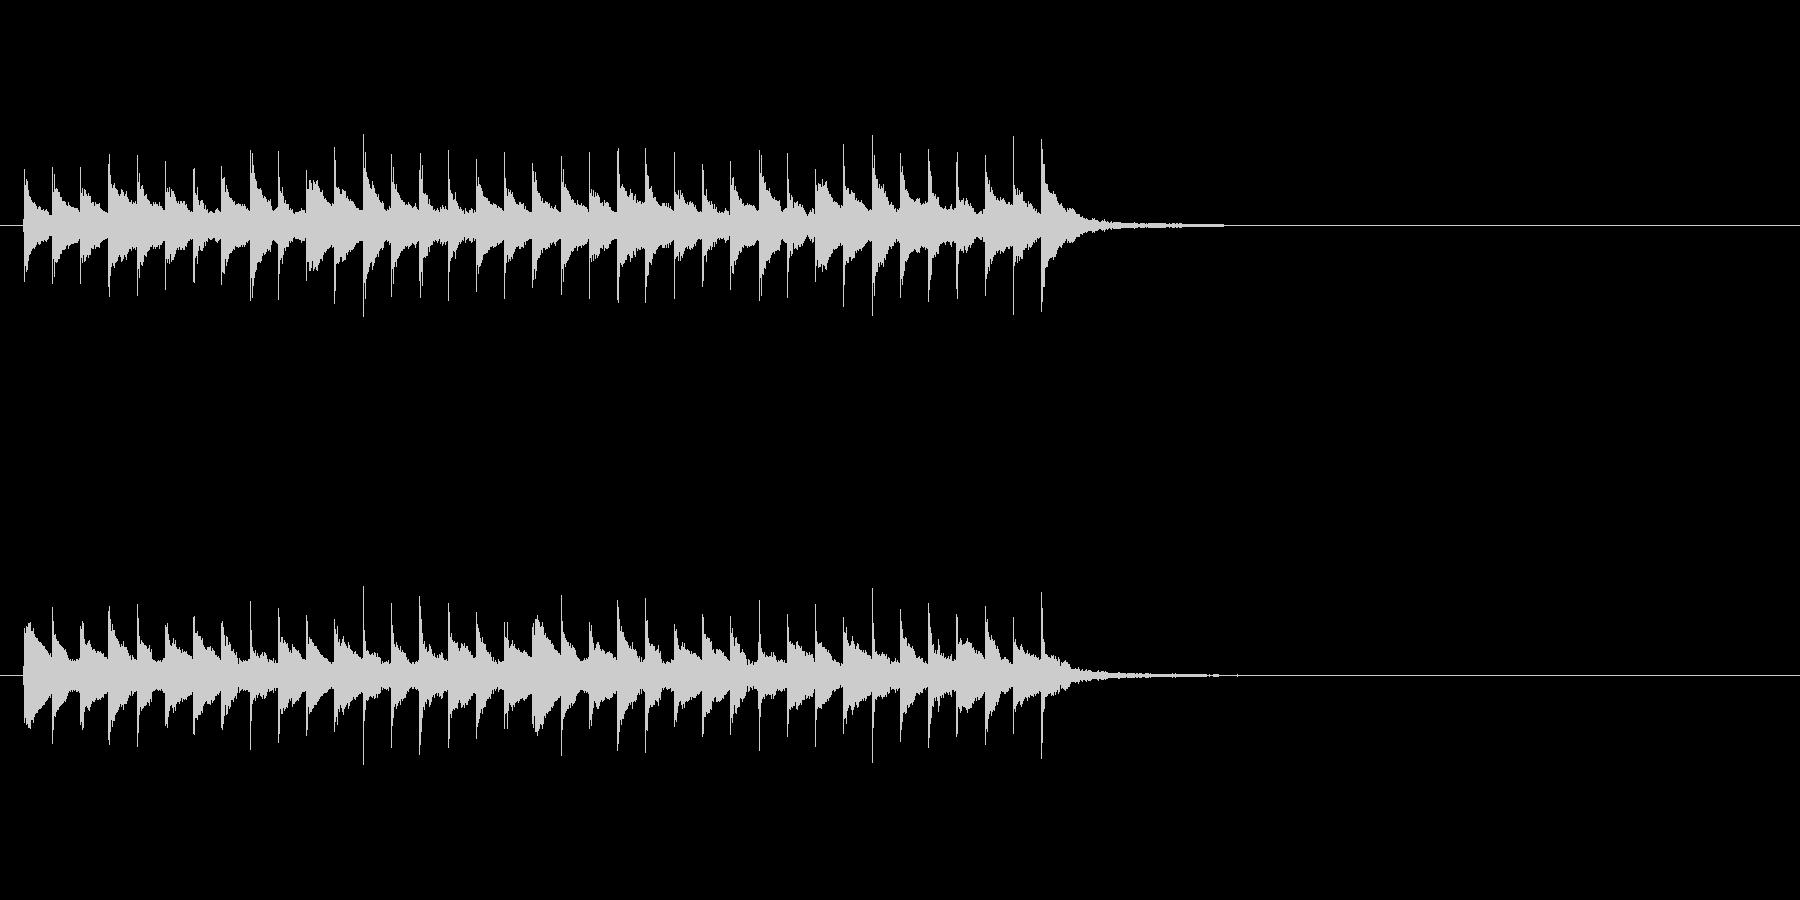 不思議なフレーズのアイキャッチの未再生の波形